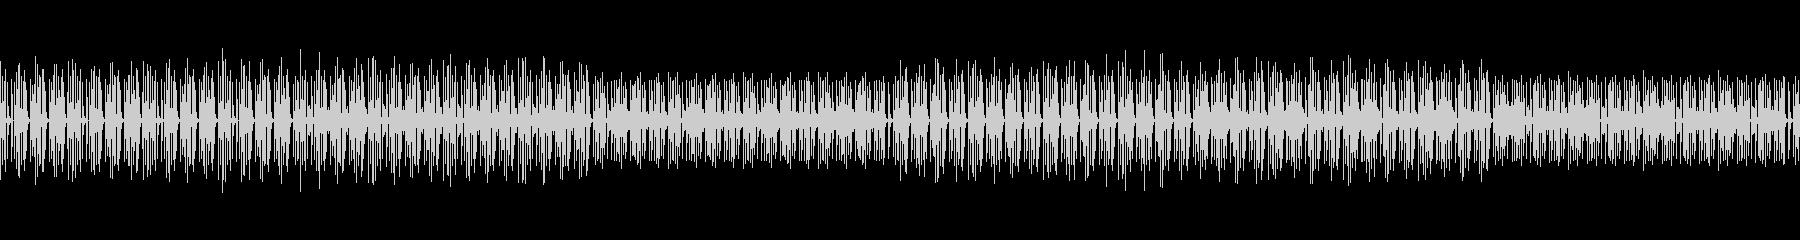 怪しい、けどかわいいポップな木琴BGMの未再生の波形